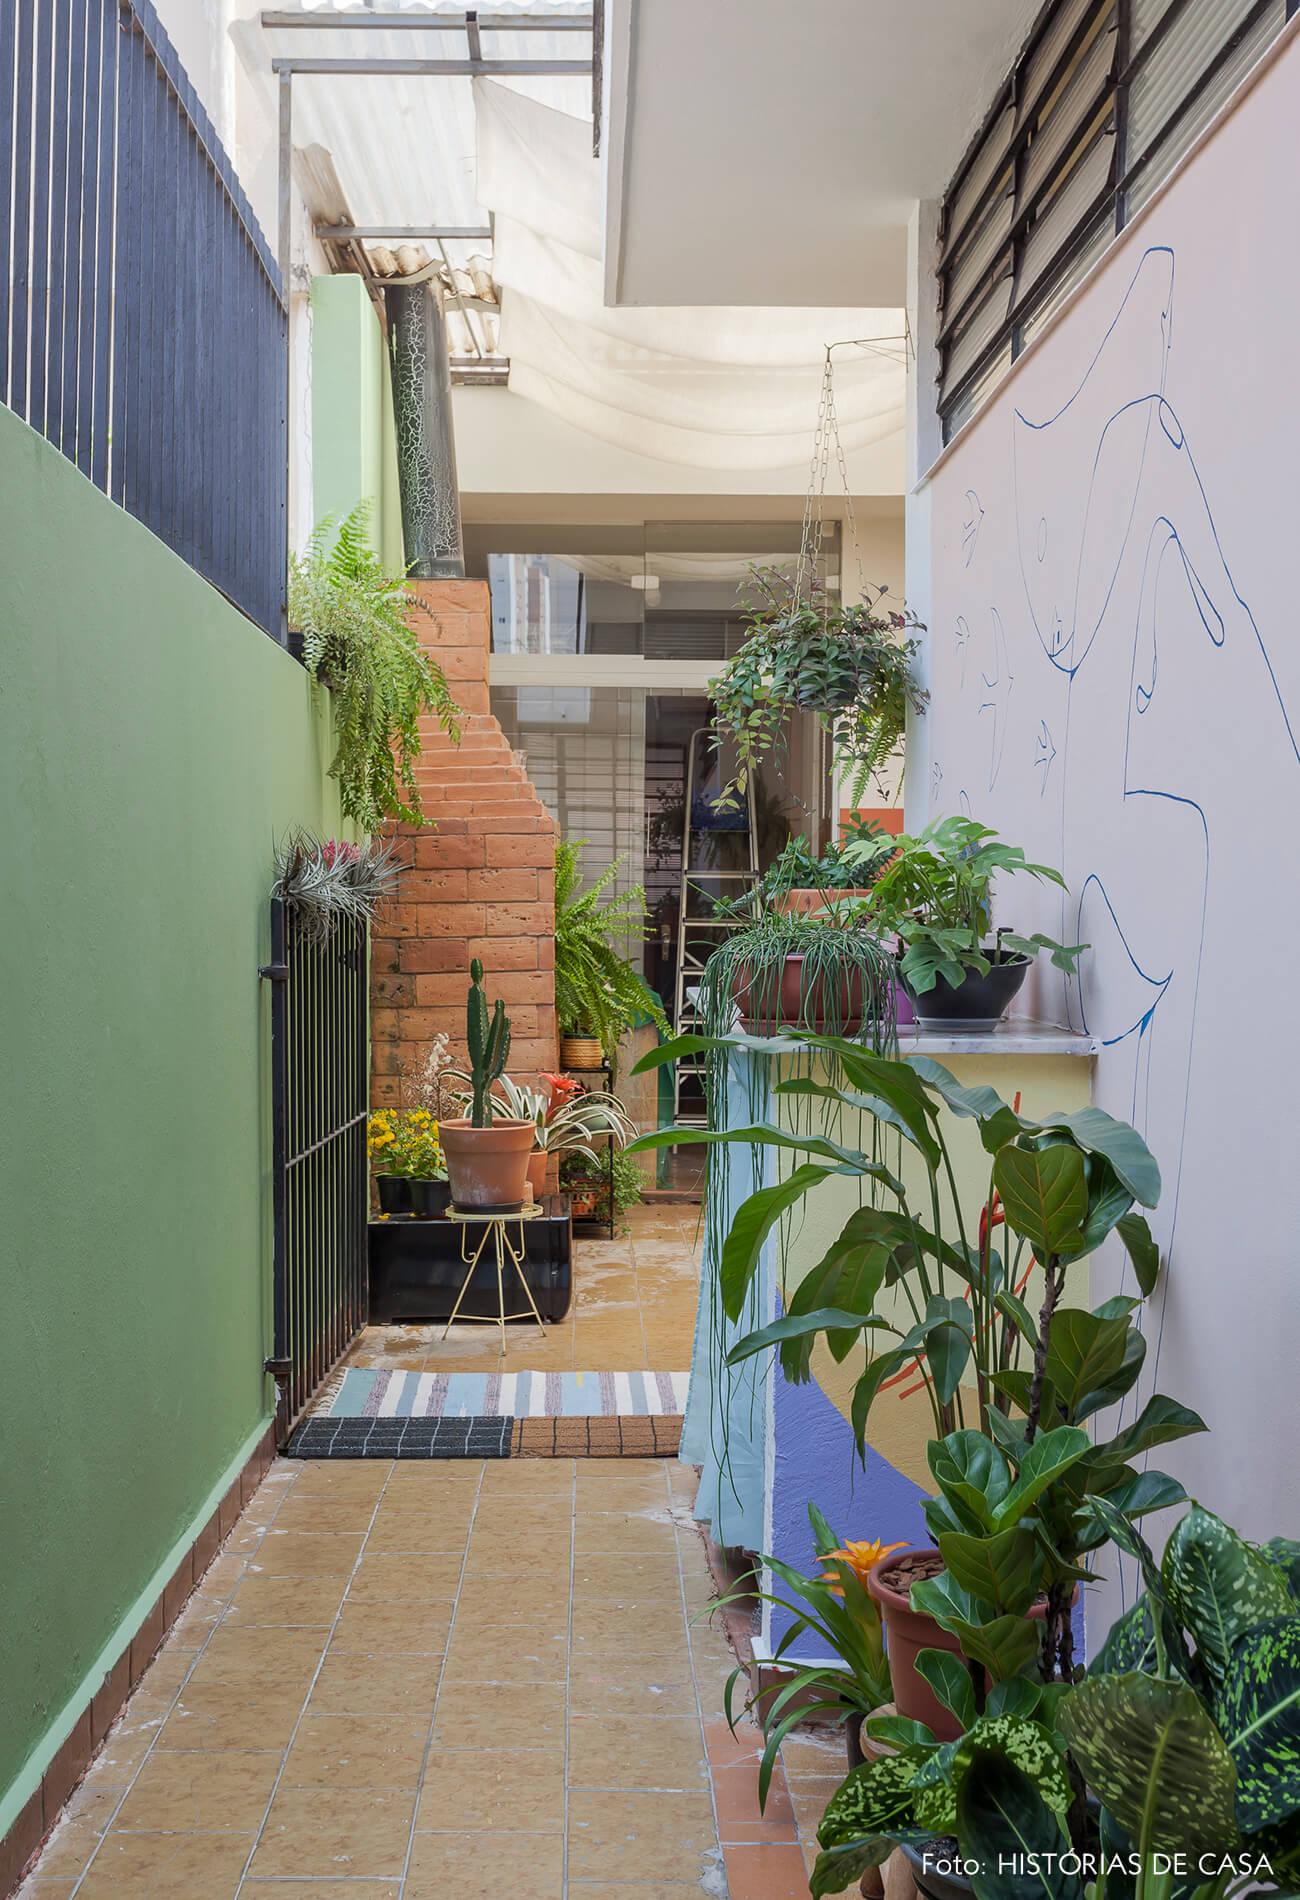 Corredor lateral do quintal com parede verde